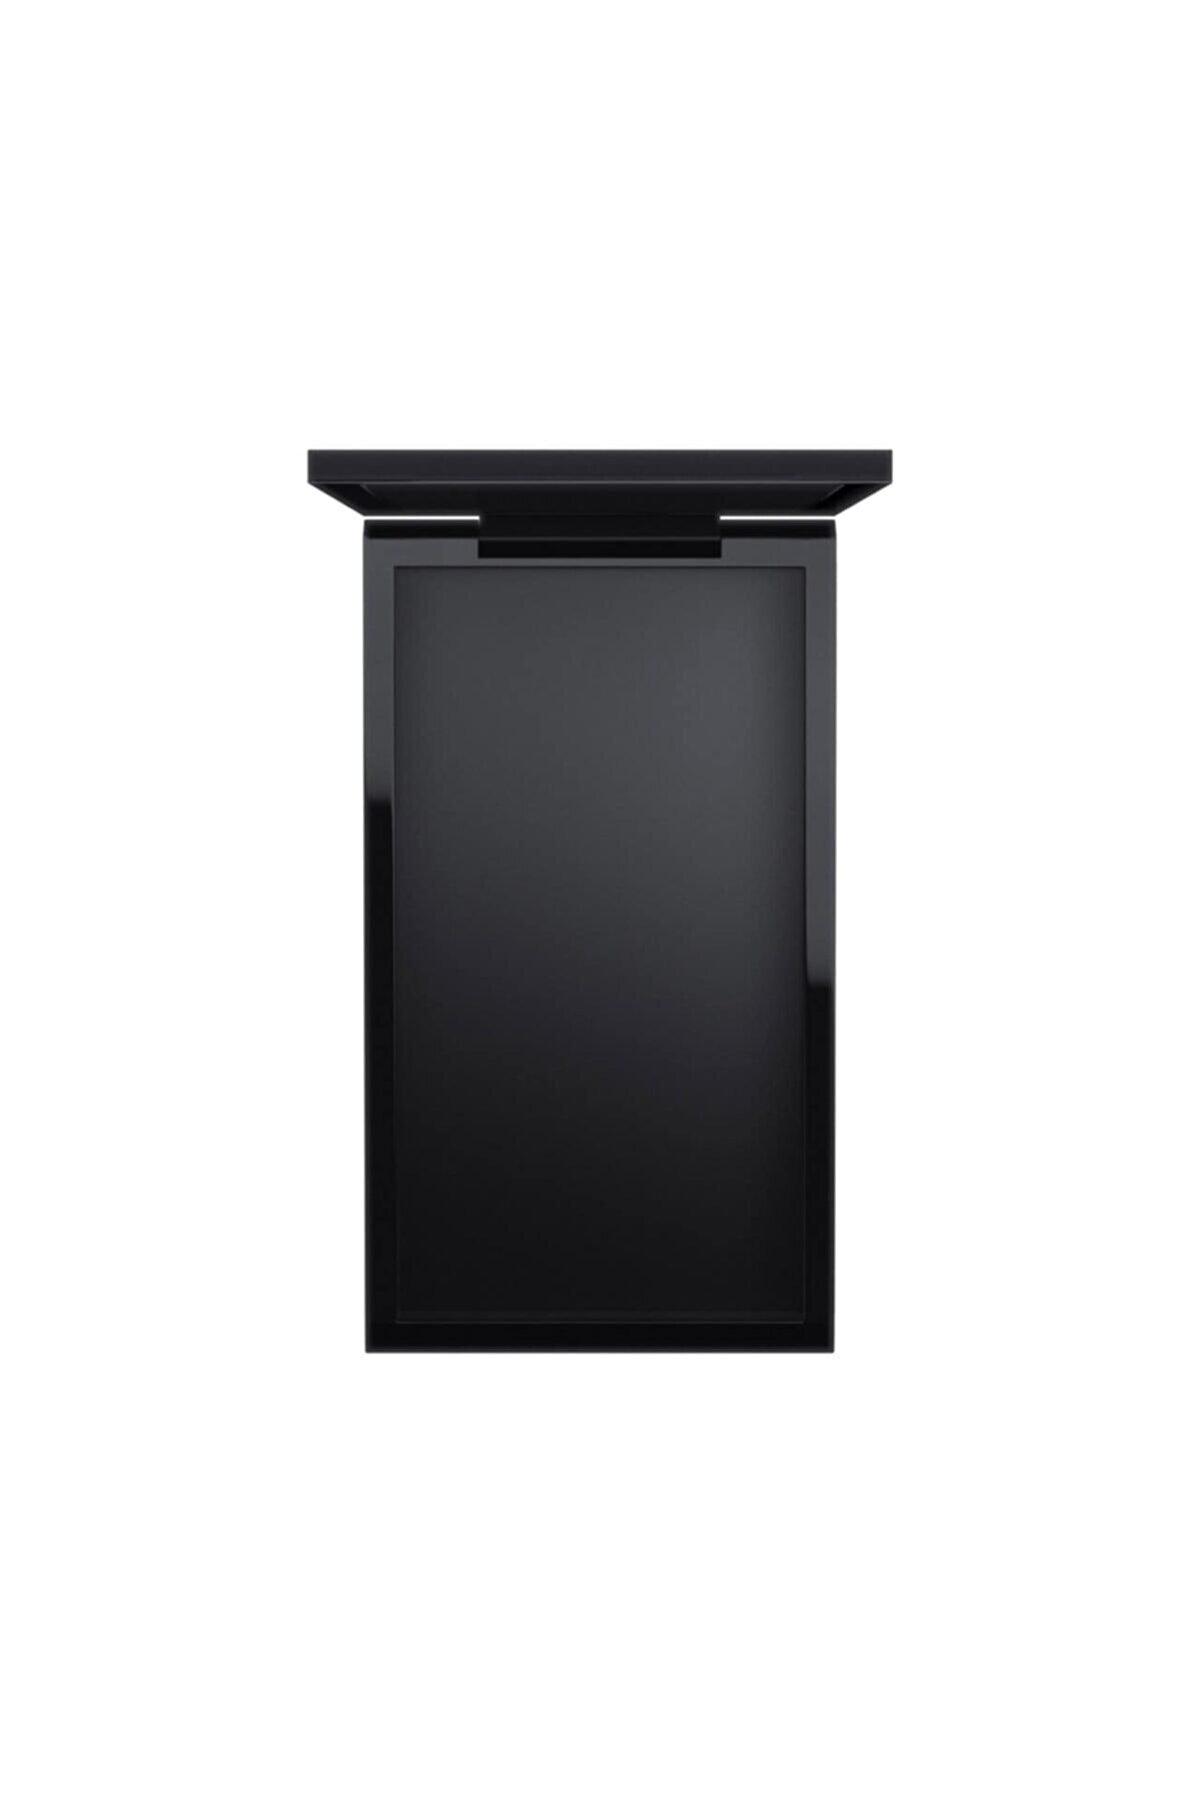 Mac Boş Palet - Pro Palette Small Compact 773602391196